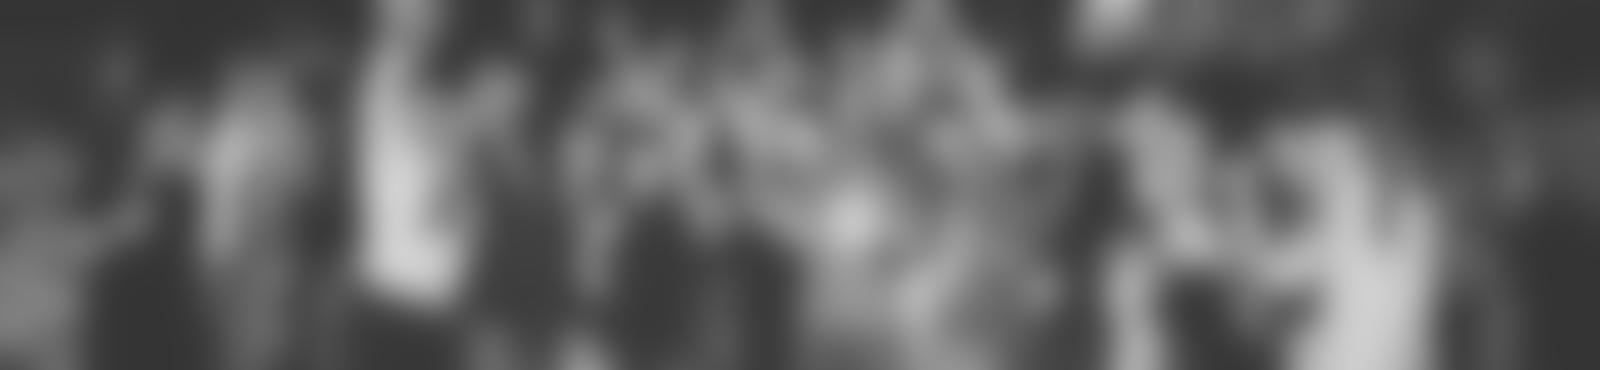 Blurred d2849f1e 22eb 4871 9c2f b715ec3cda71